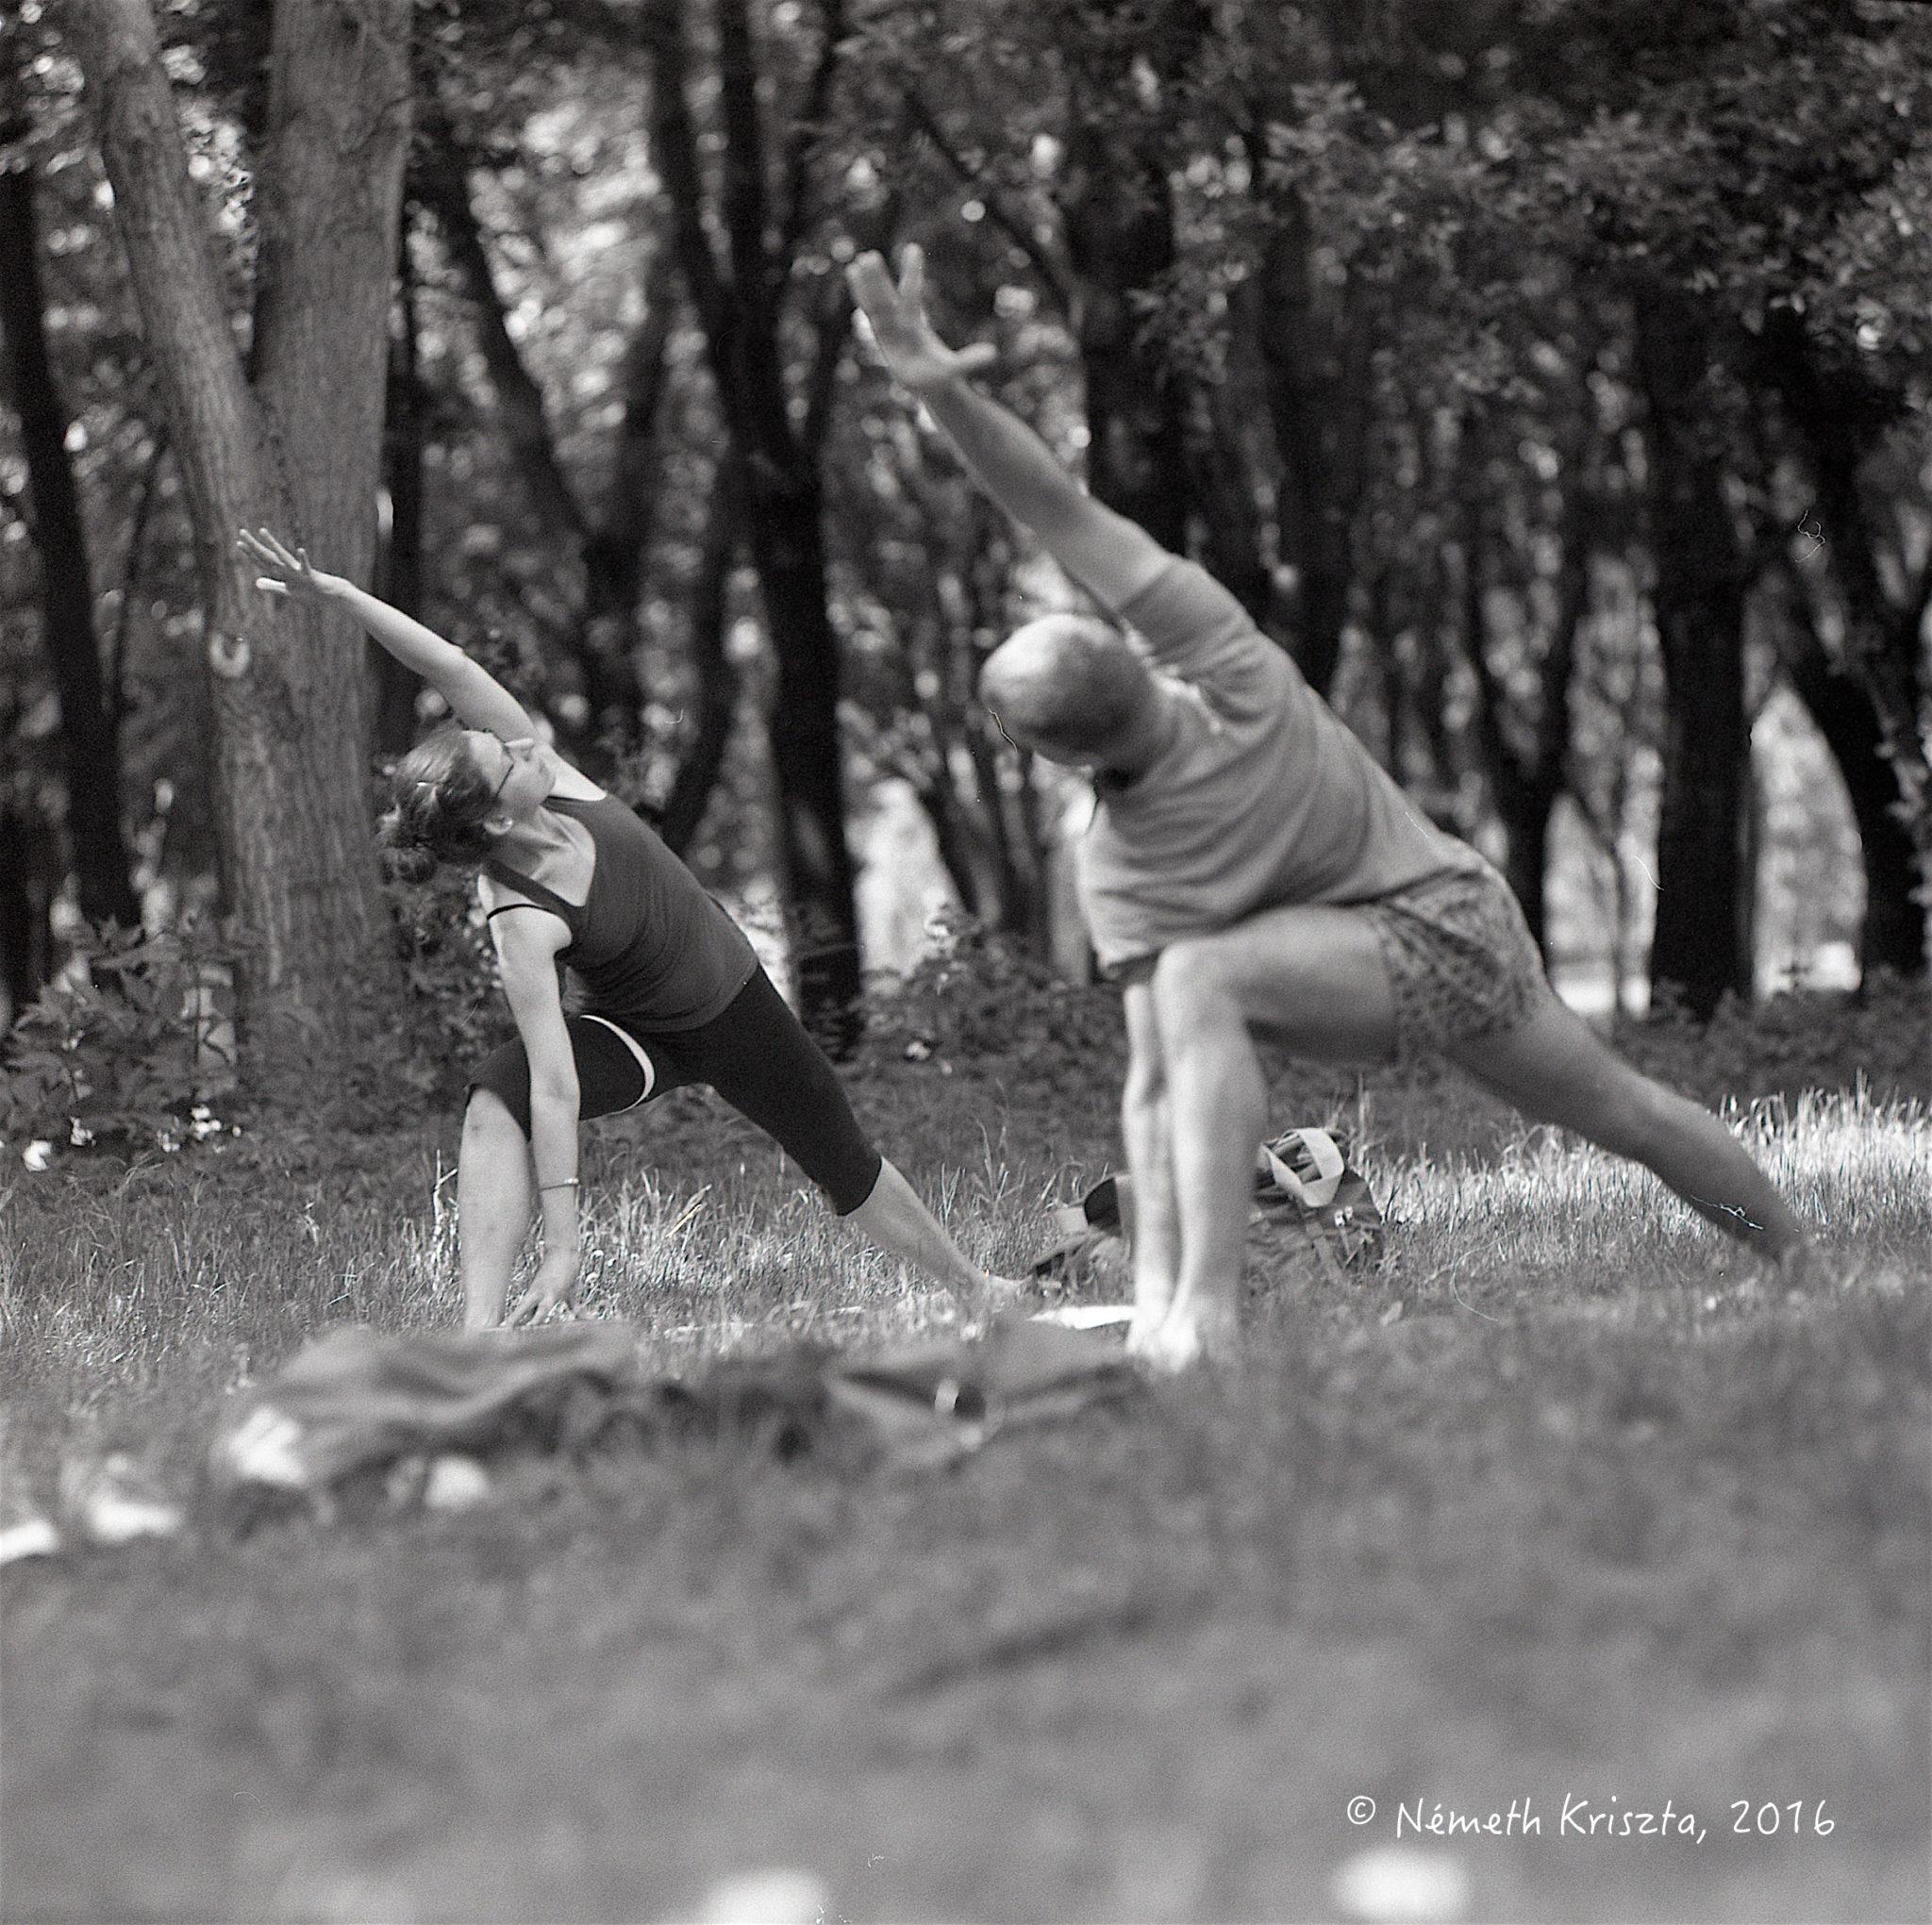 Jógával az egészséges gerincért – Kezdő Iyengar jóga tanfolyam | Szeptember 10-től hétfőnként 19.30